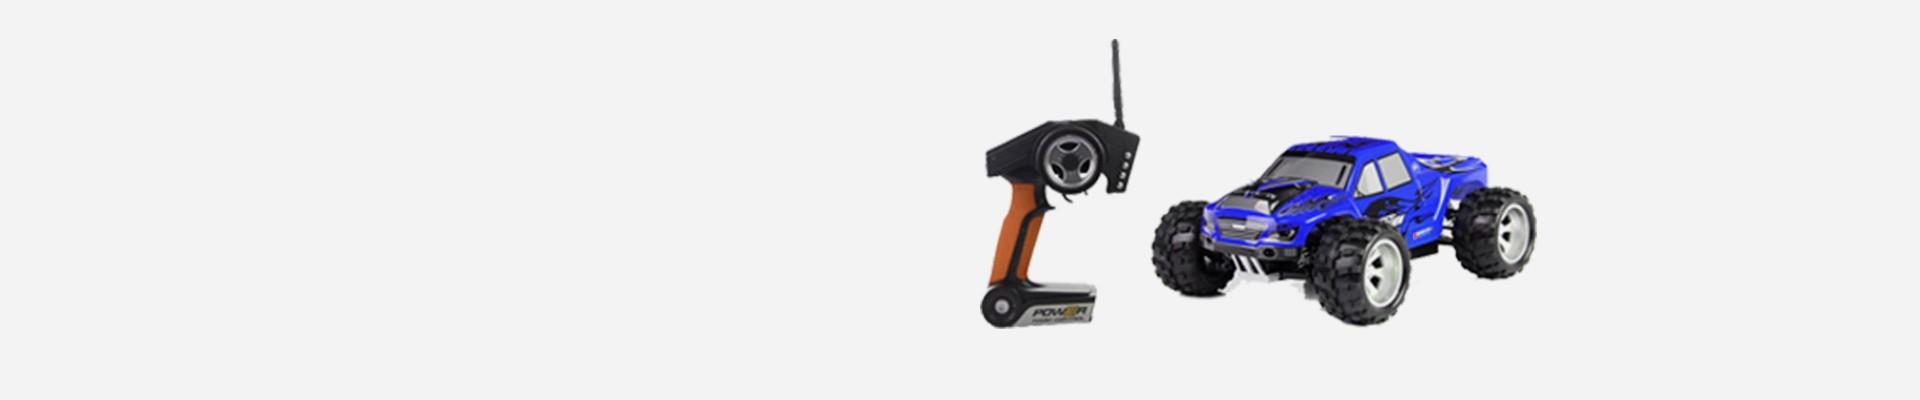 Jual Mobil Remote Control & Truk RC - Harga Murah